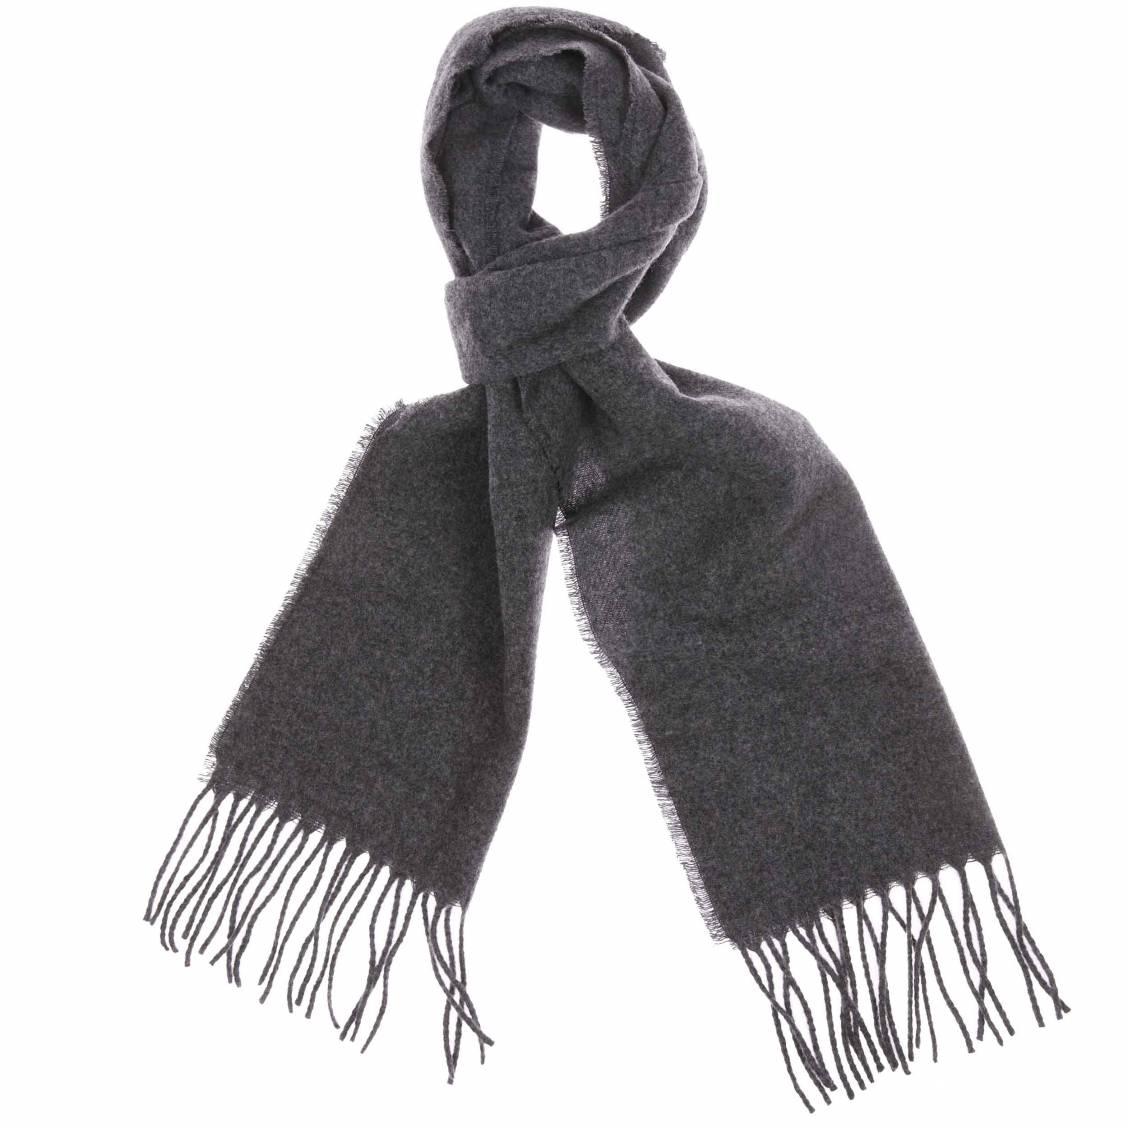 d997a0cce6c8 Echarpe laine noire homme - Idée pour s habiller